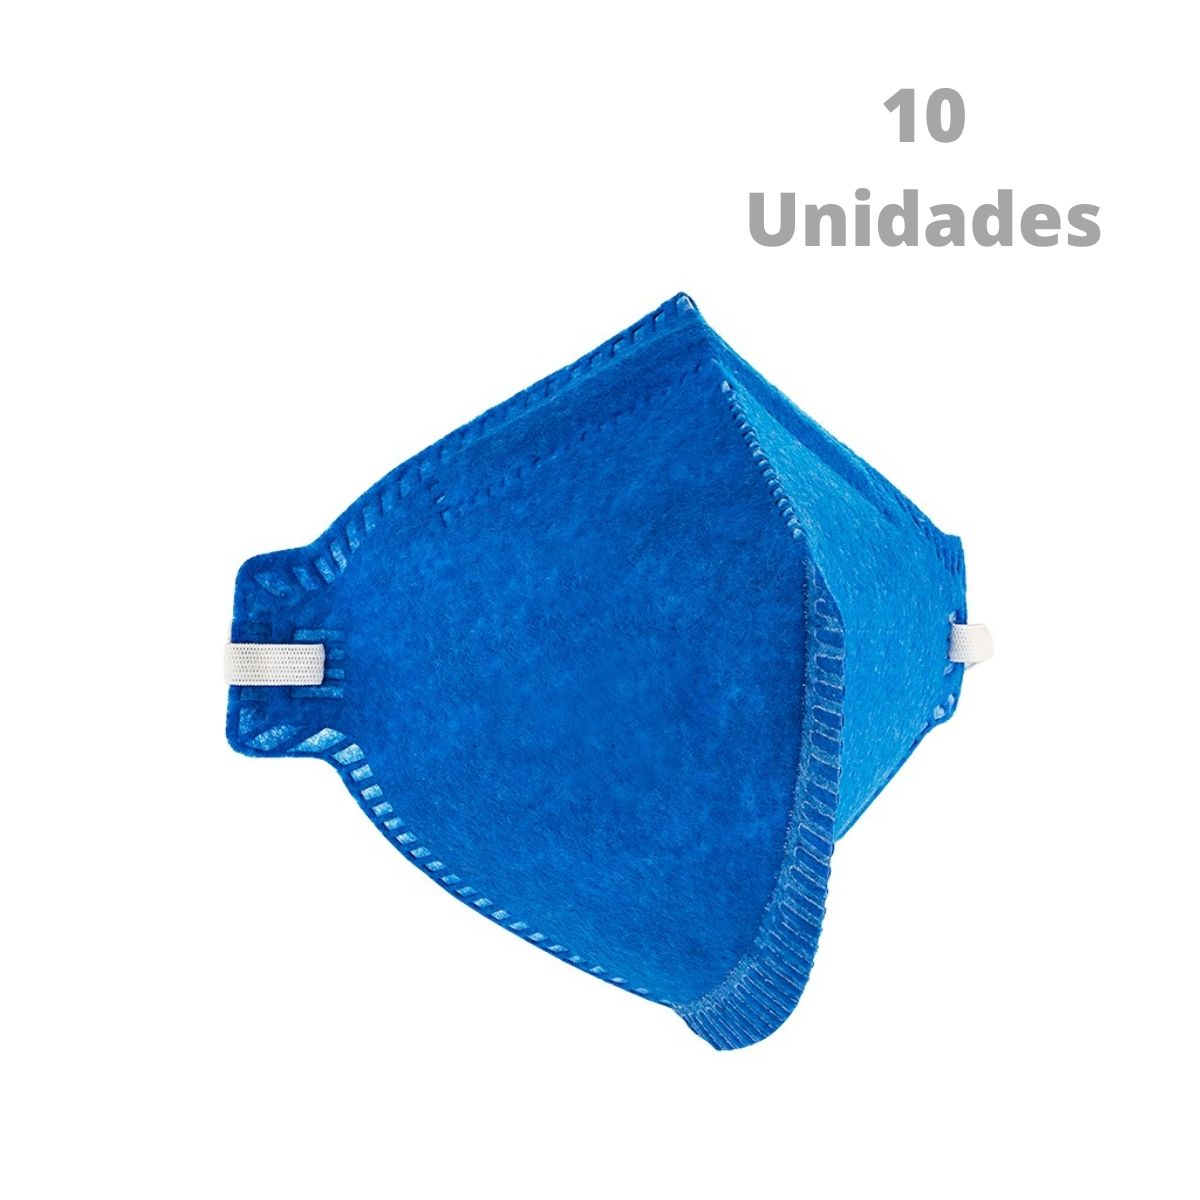 Kit 10 Peças Máscara Respiratória S/ Válvula PFF2 Delta Plus